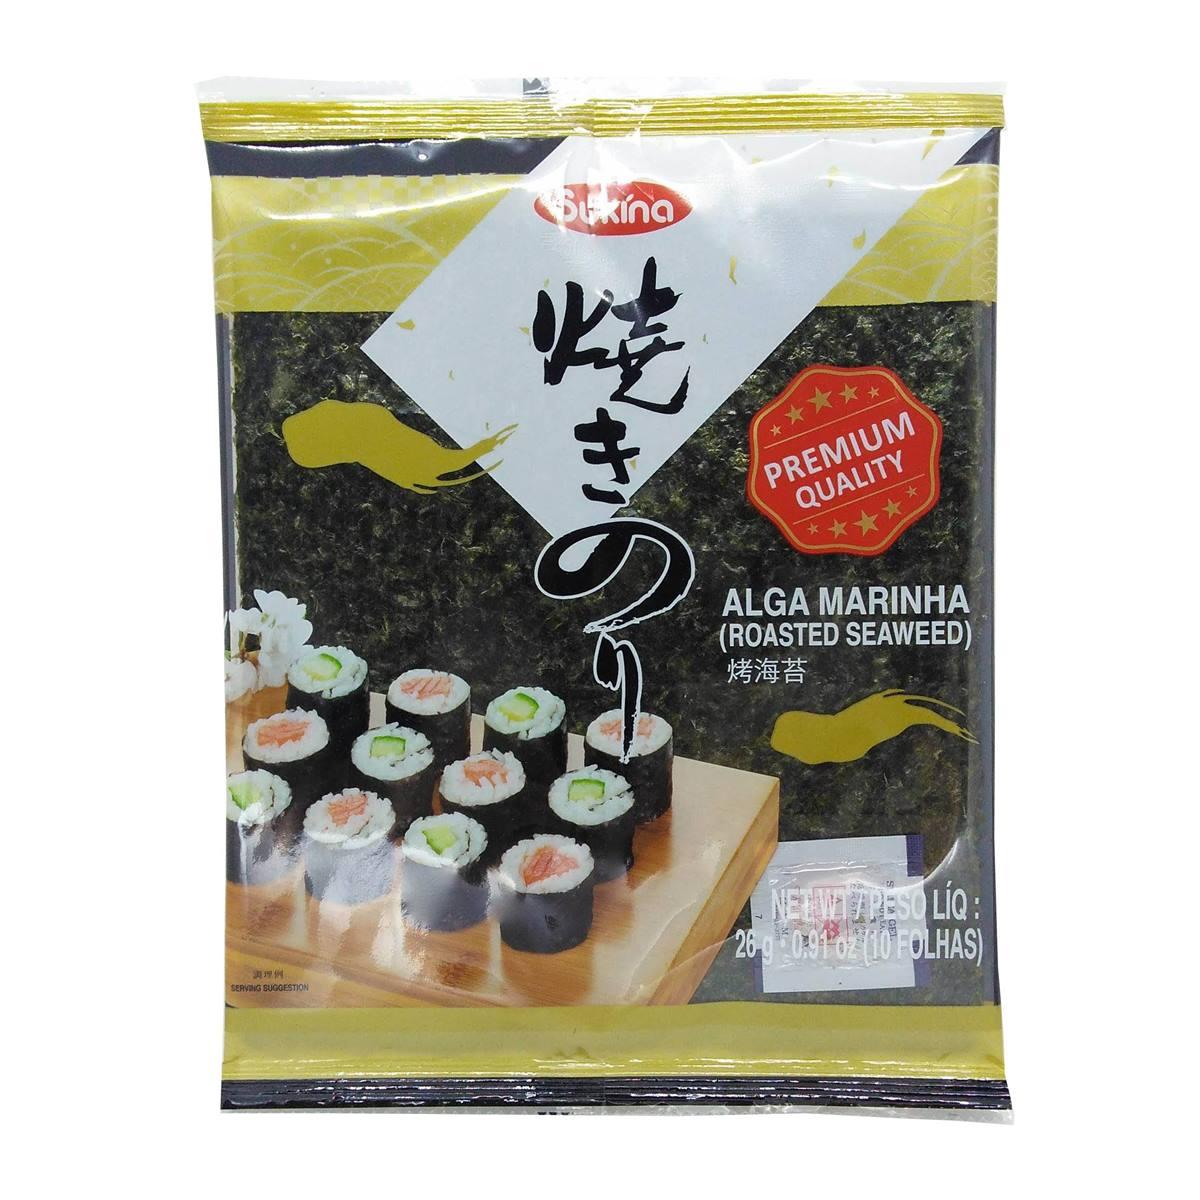 Alga Marinha p/ Sushi Yakinori 26g 10 fls Sukina Gold